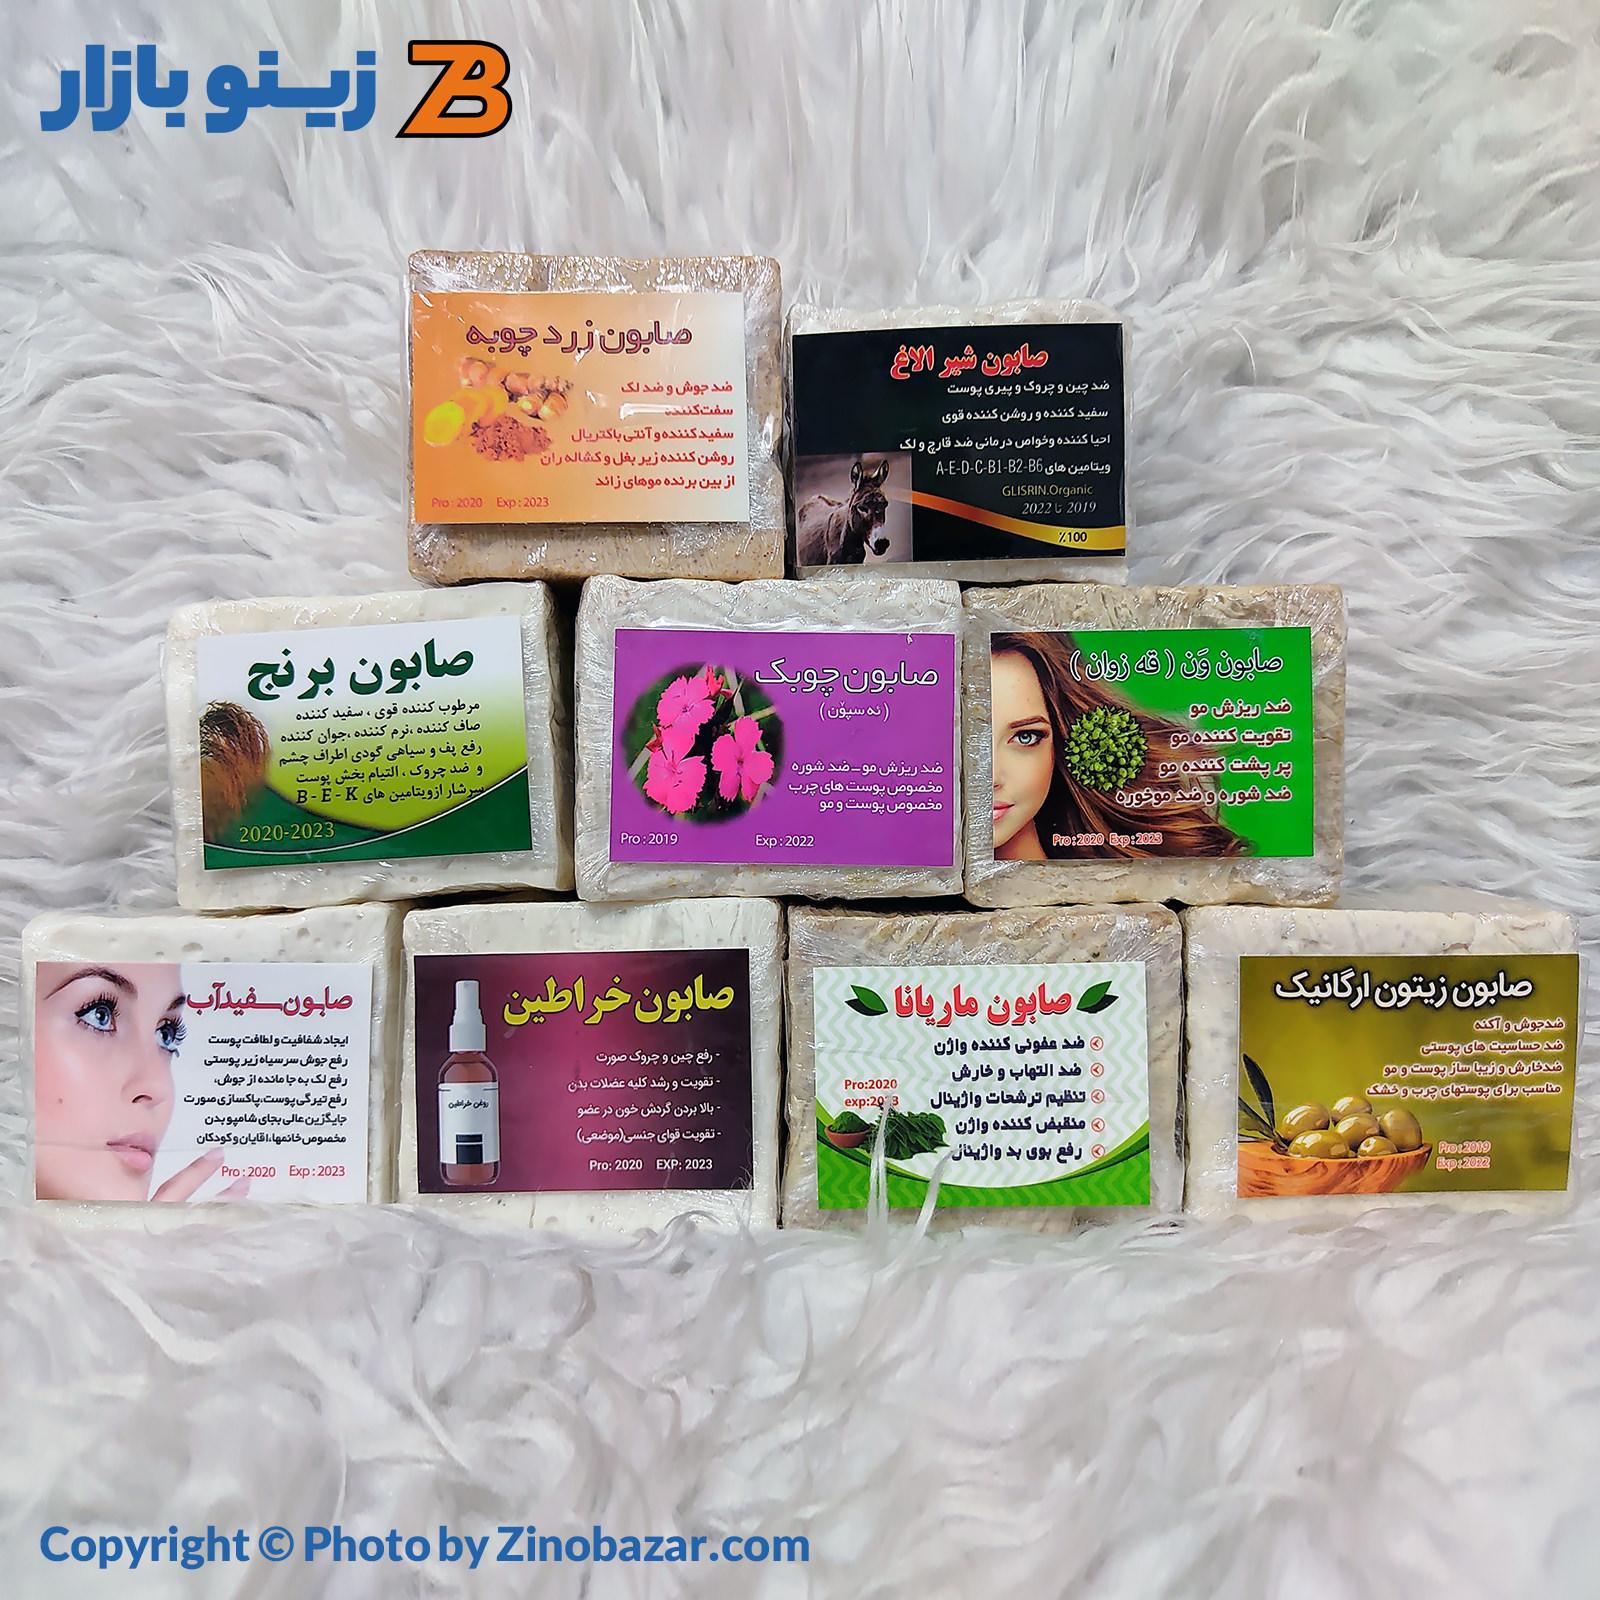 محصولات صابون ارگانیک - زینو بازار ZinoBazar